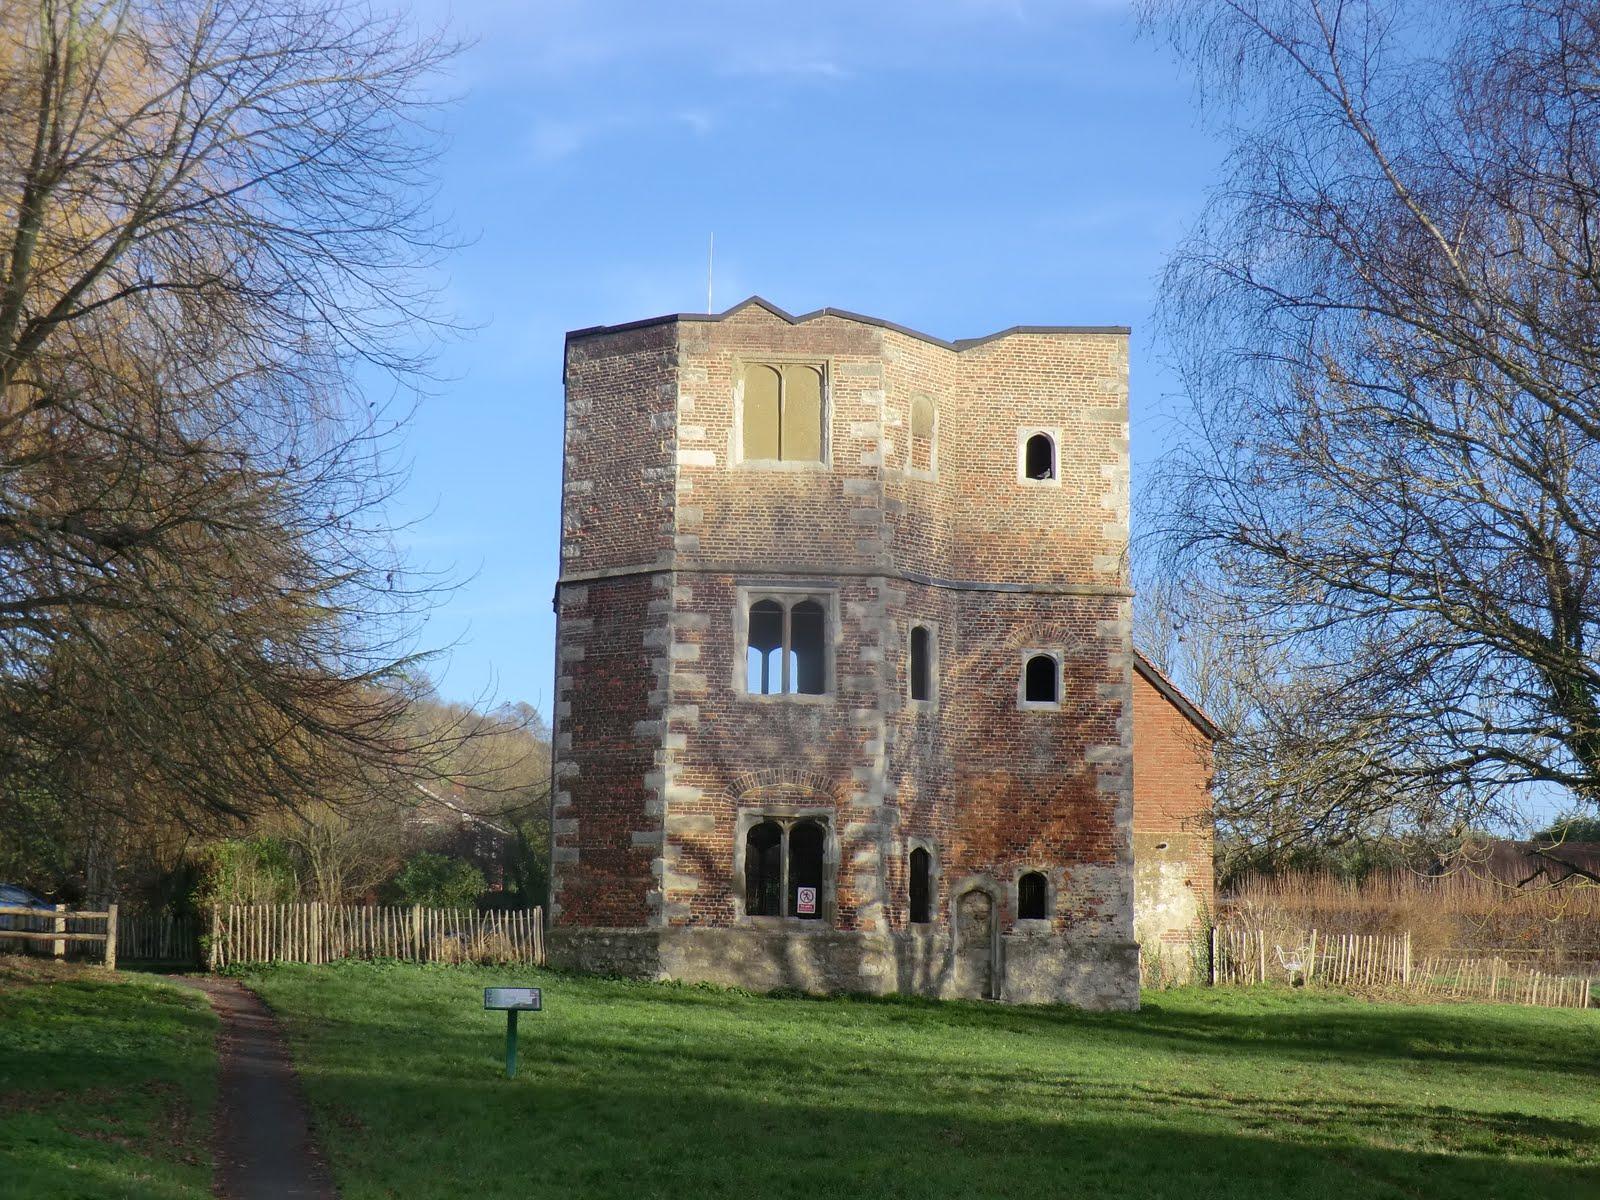 CIMG7902 Archbishop's Palace ruins, Otford